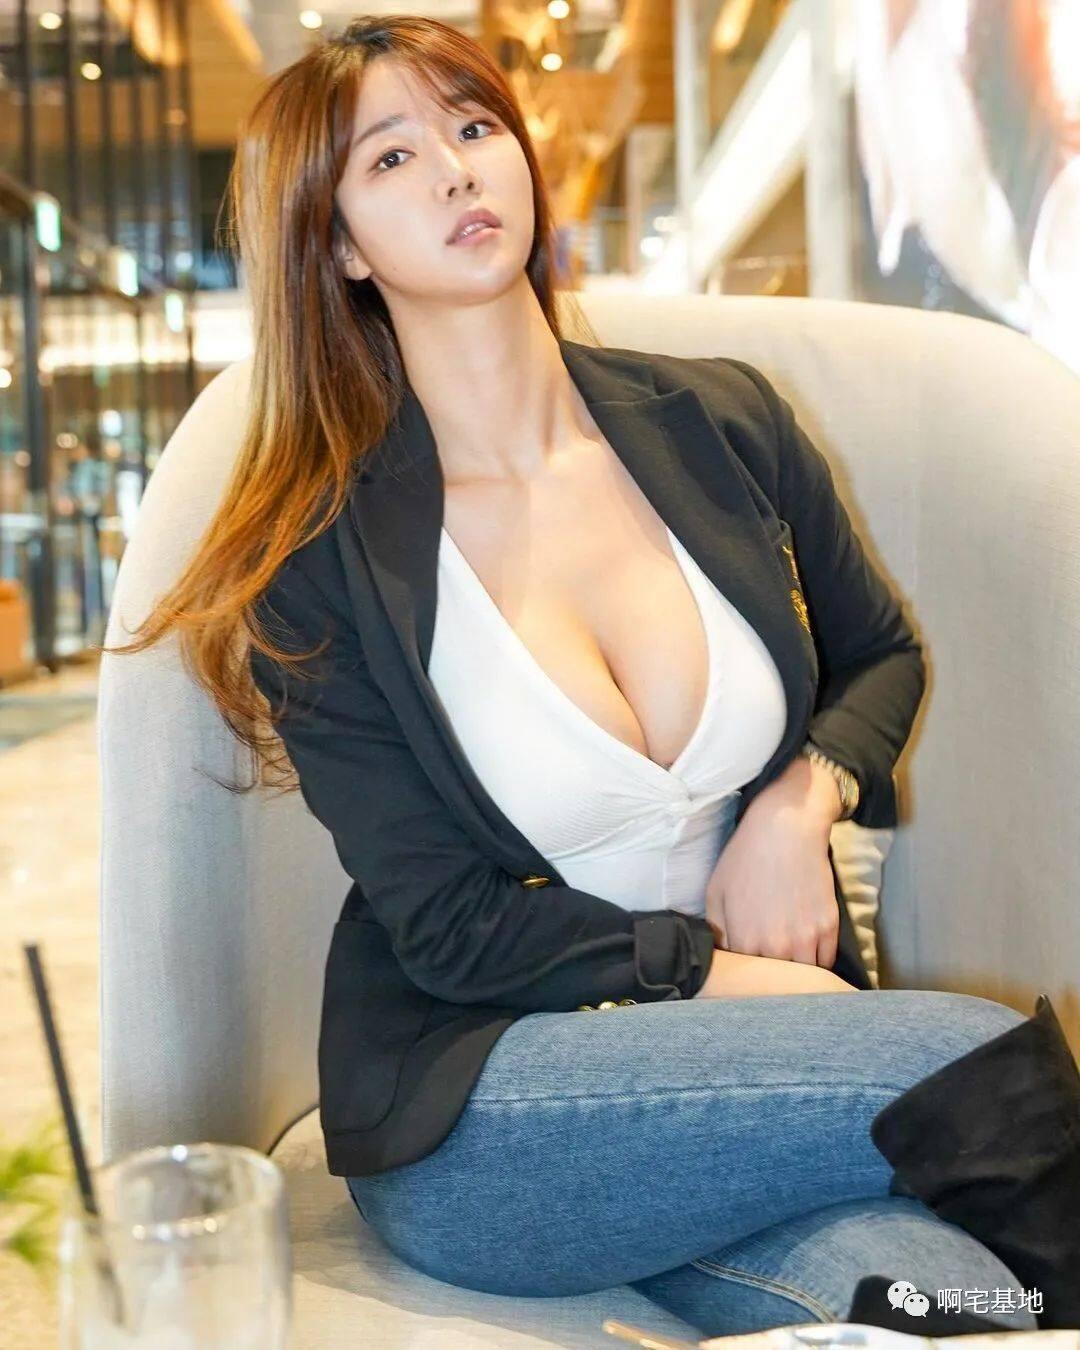 [微博福利]175cm的韩国大凶妹子3